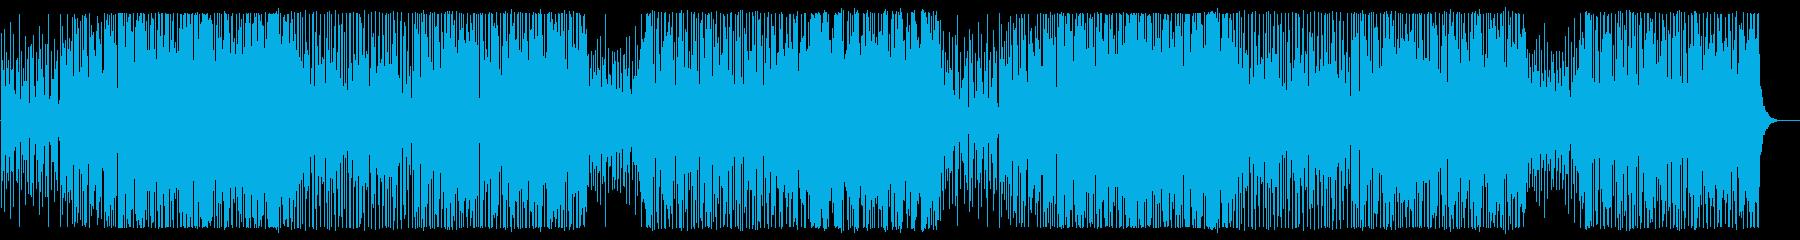 ベース音の効いた変則的ファンクの曲の再生済みの波形